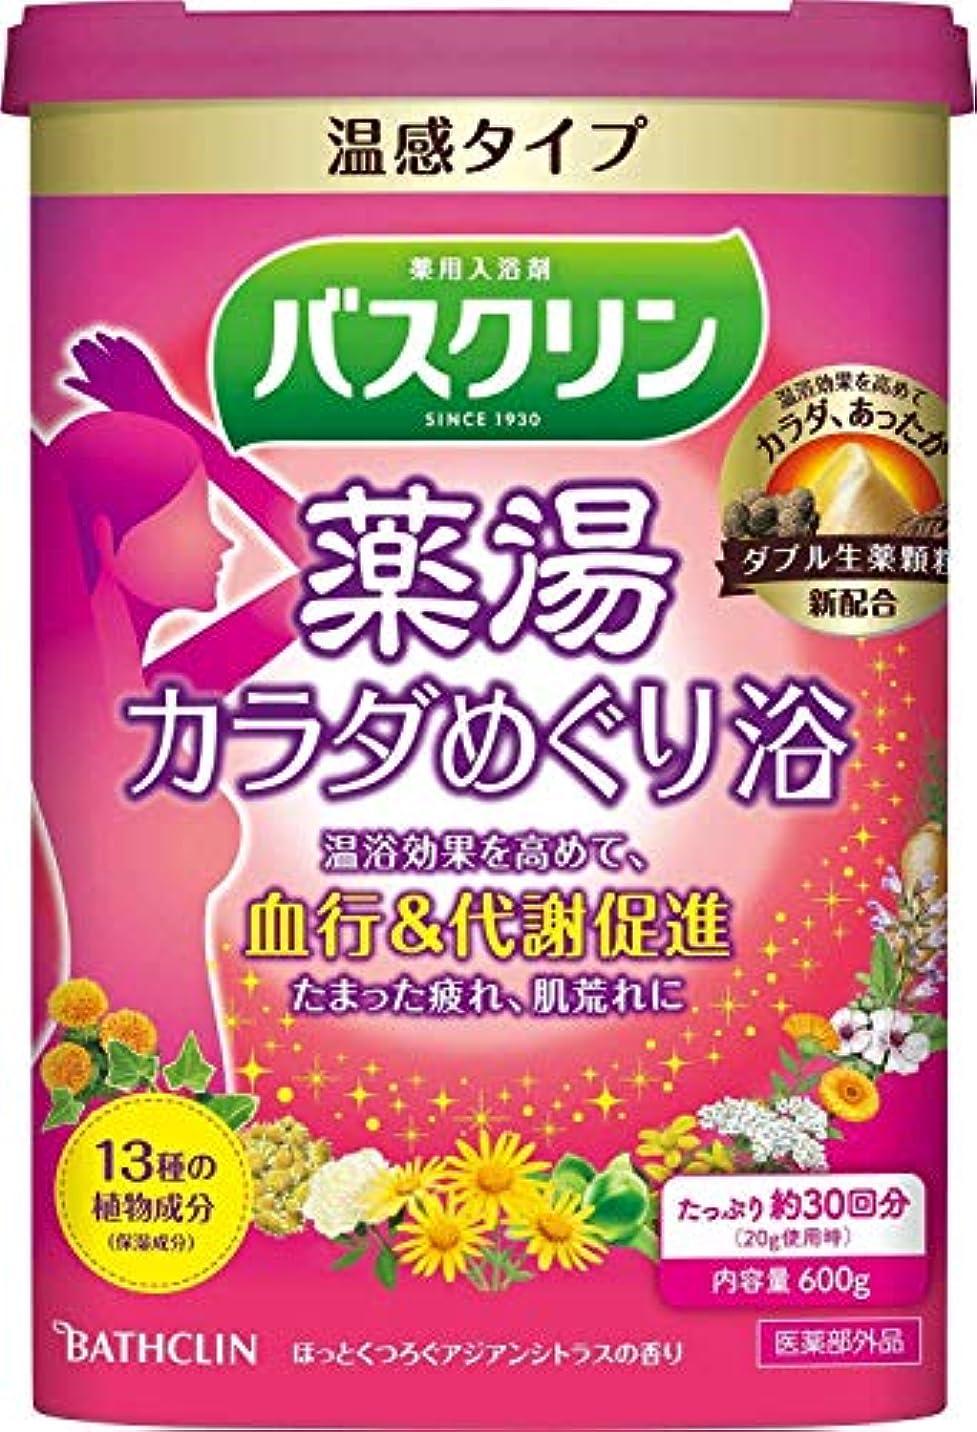 お茶雨の空港【医薬部外品】バスクリン薬湯カラダめぐり浴600g入浴剤(約30回分)